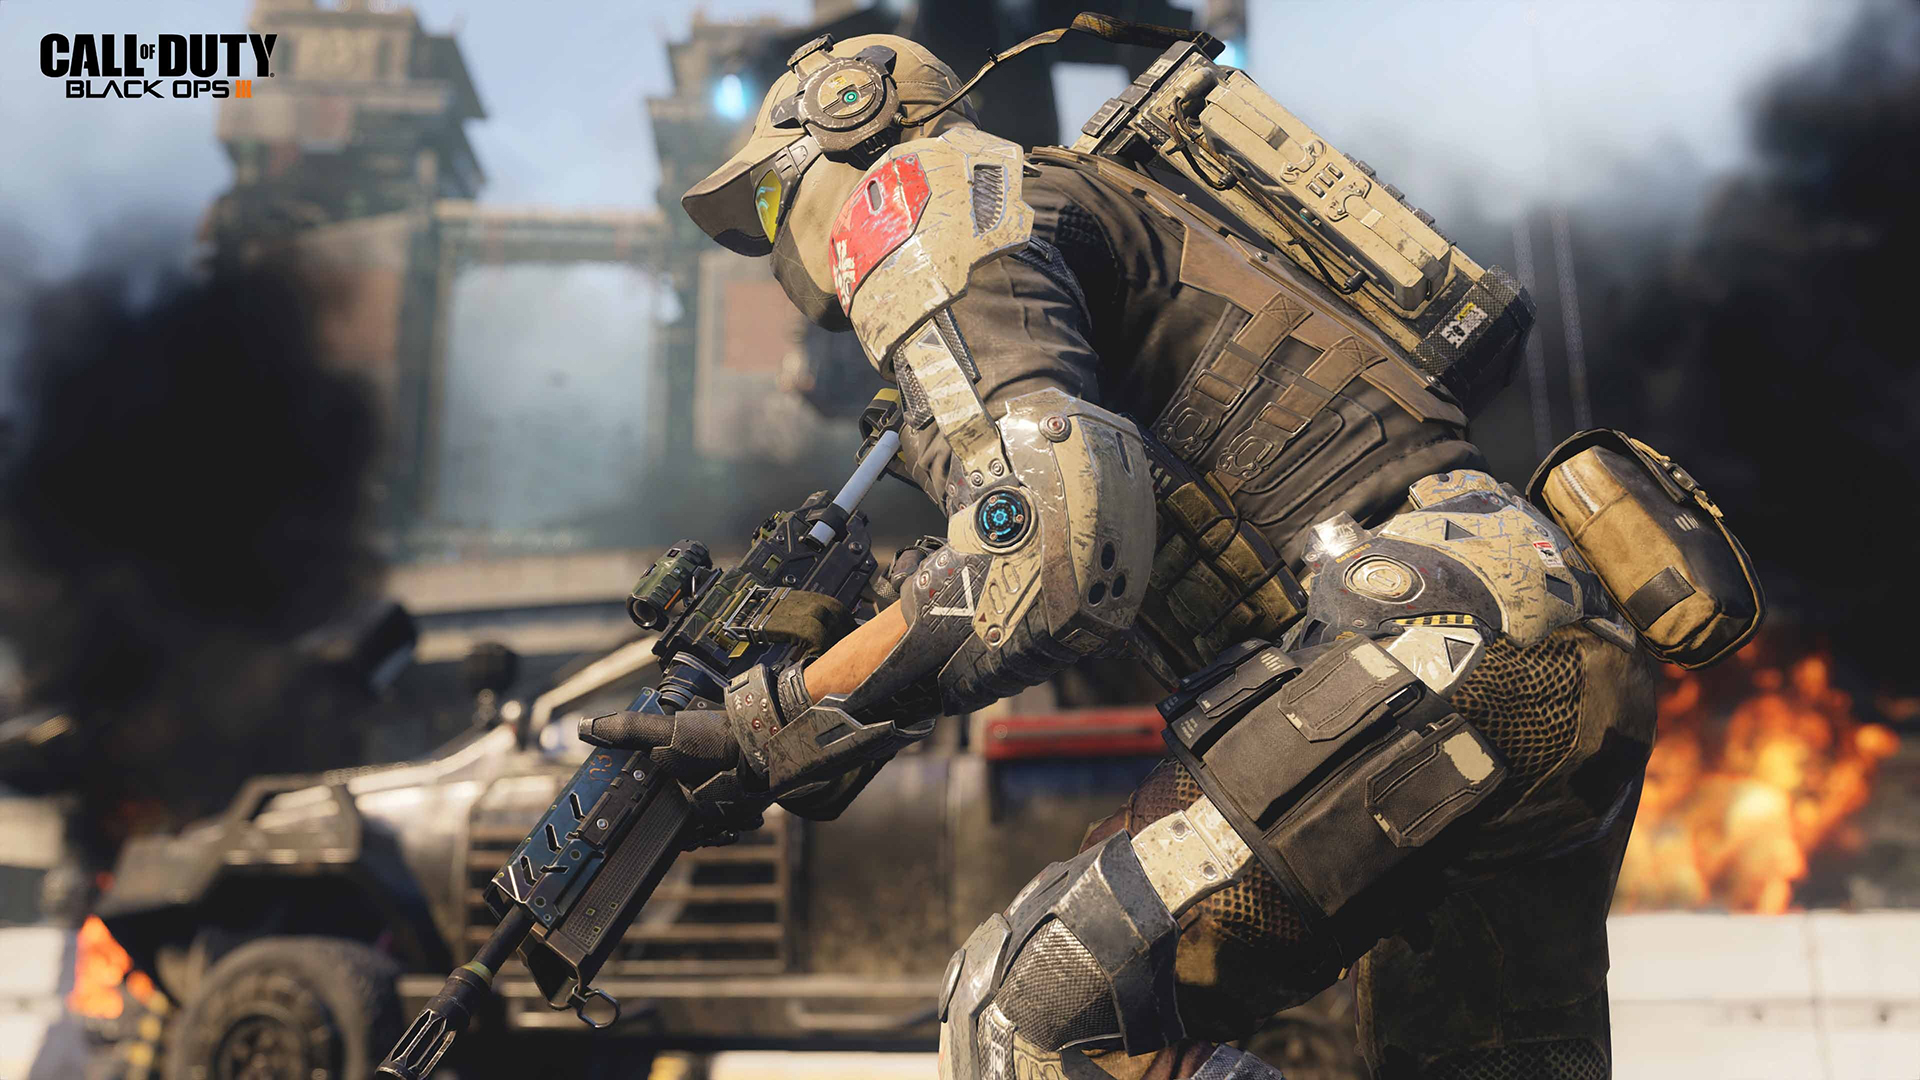 První trailer na Call of Duty: Black Ops 3 108479